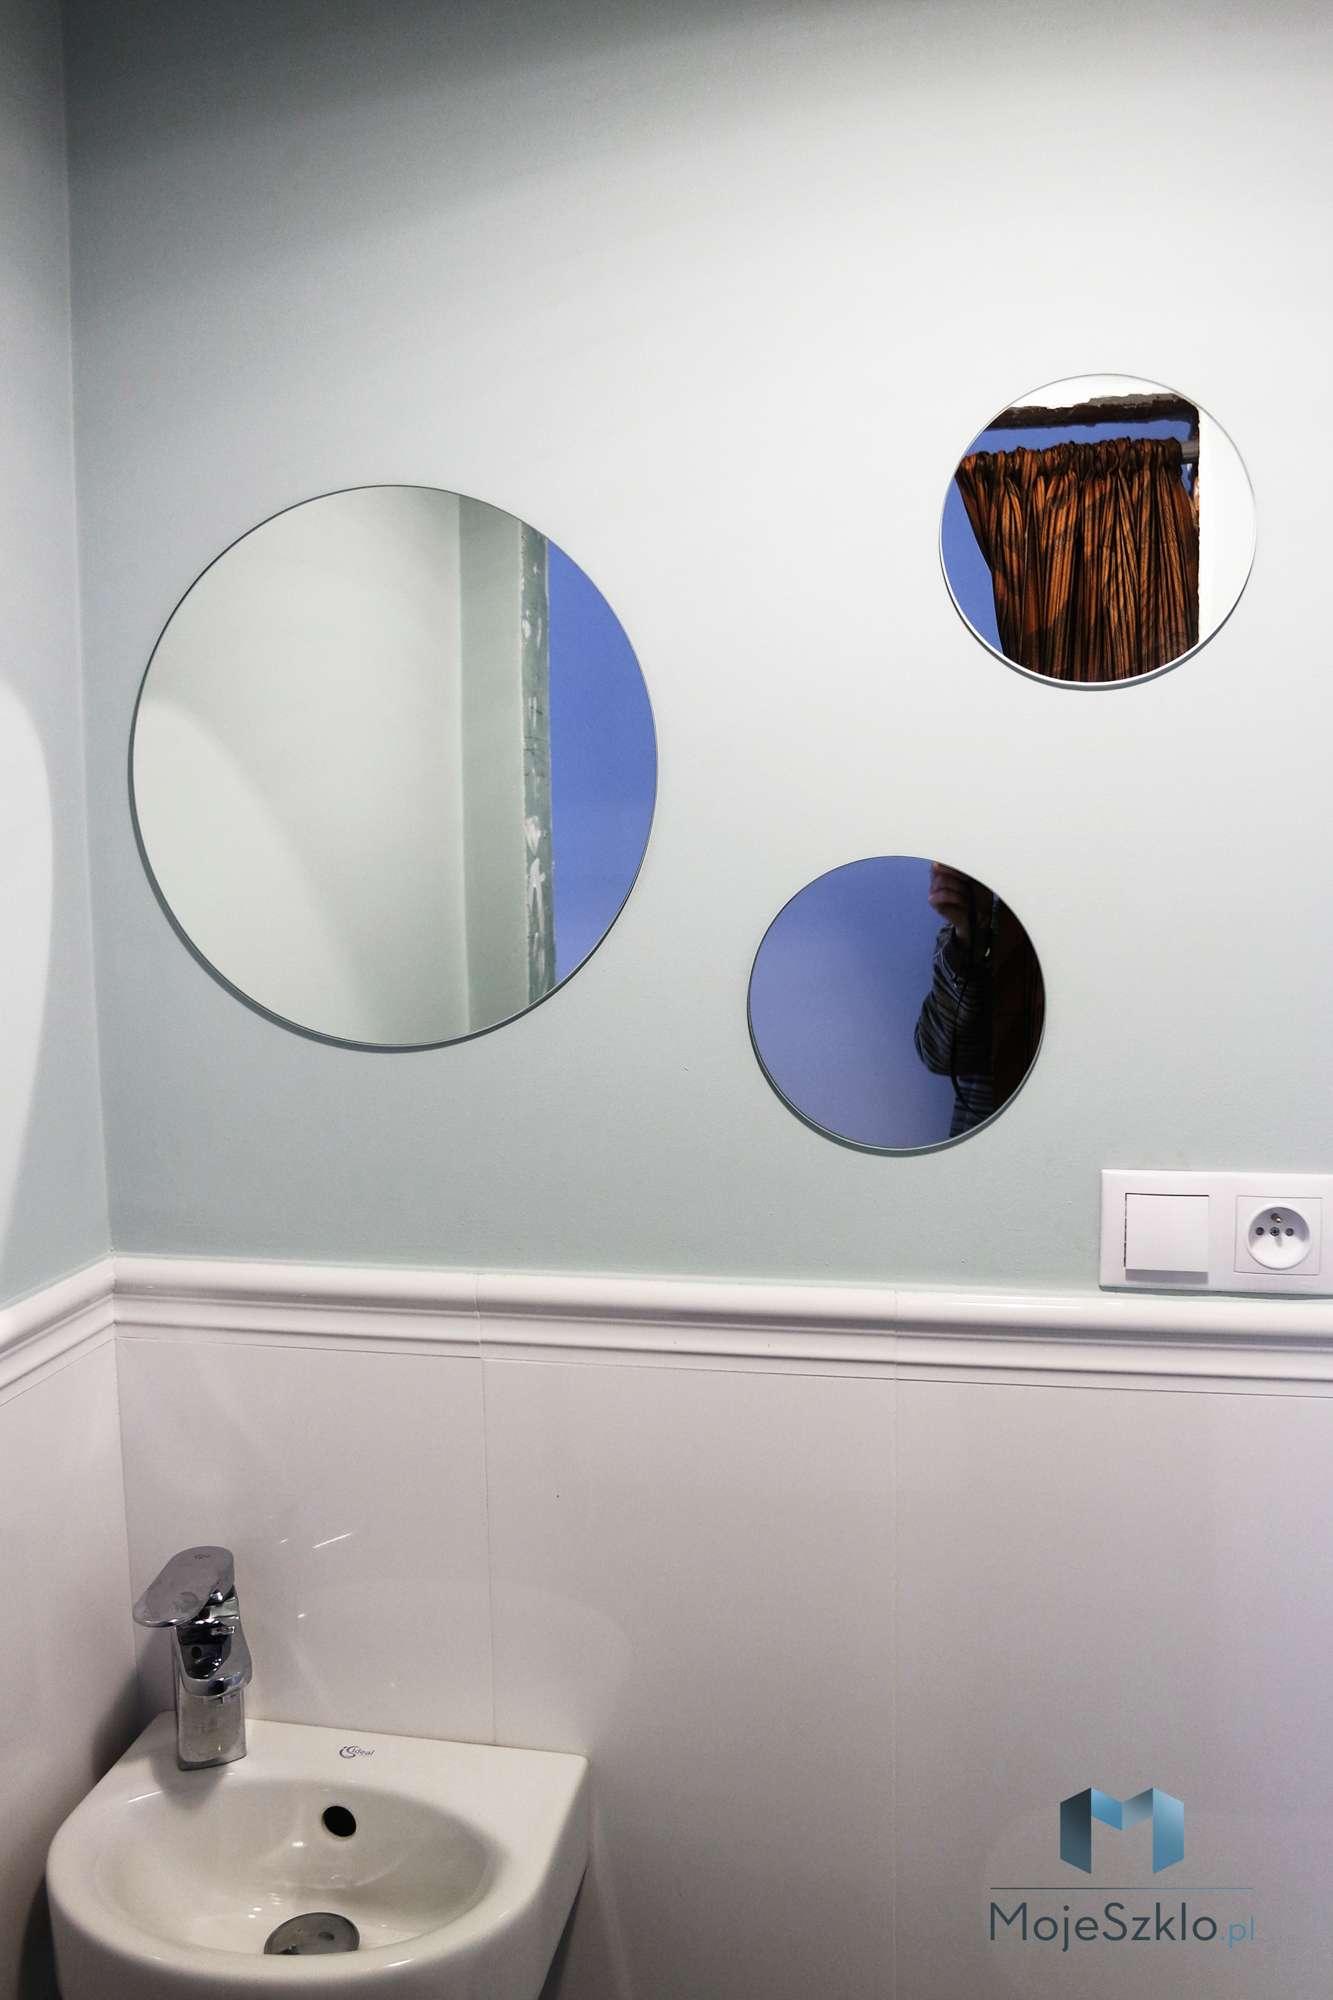 Lustro Okragle Lazienkowe Krakow - Lustro okrągłe. Efektowna dekoracja wnętrza